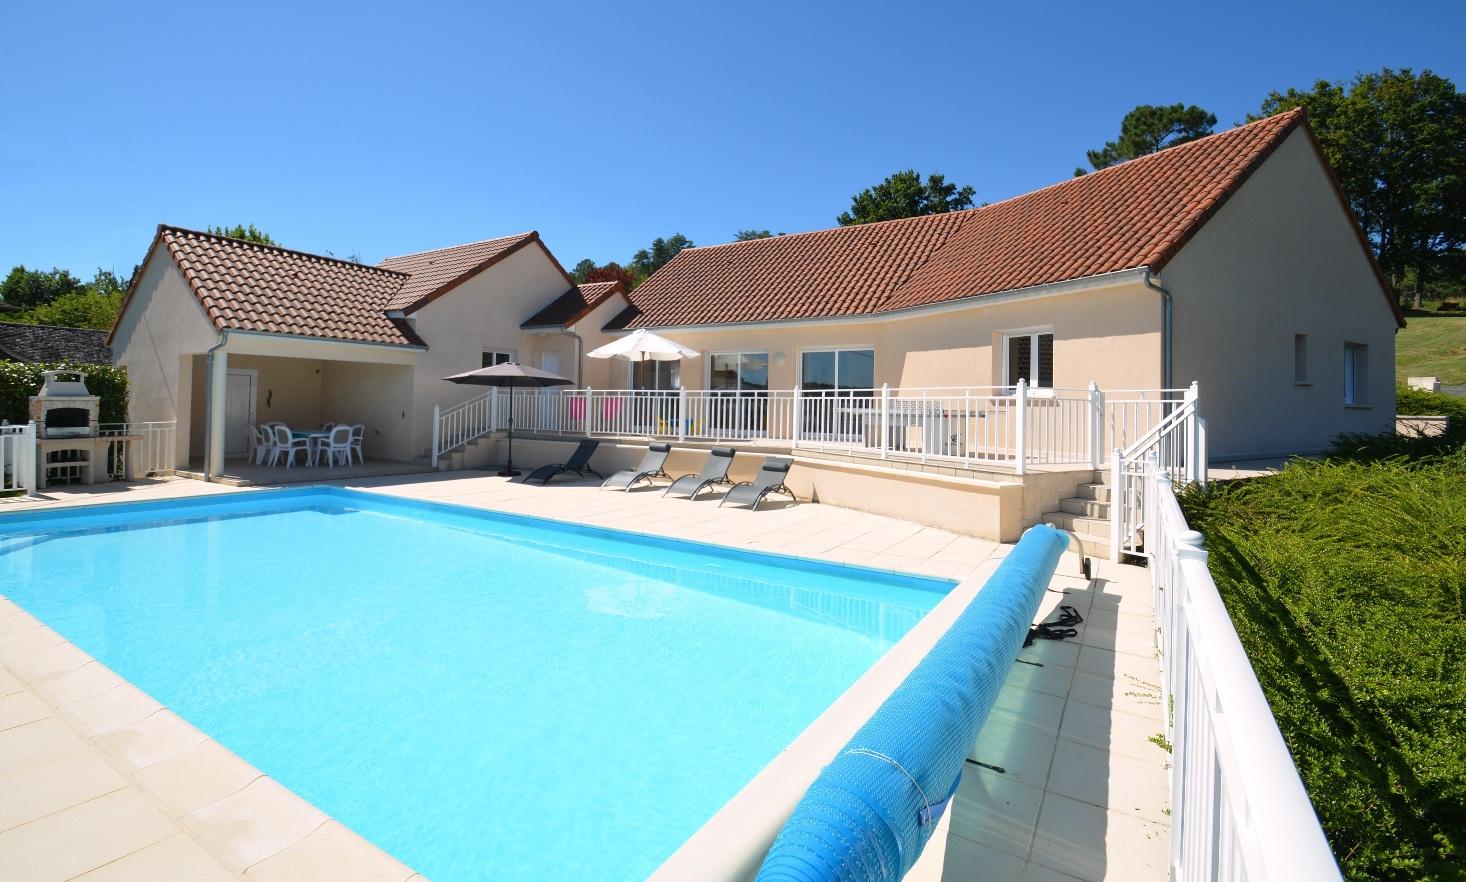 piscine chauffée privée de 11 x 5 m